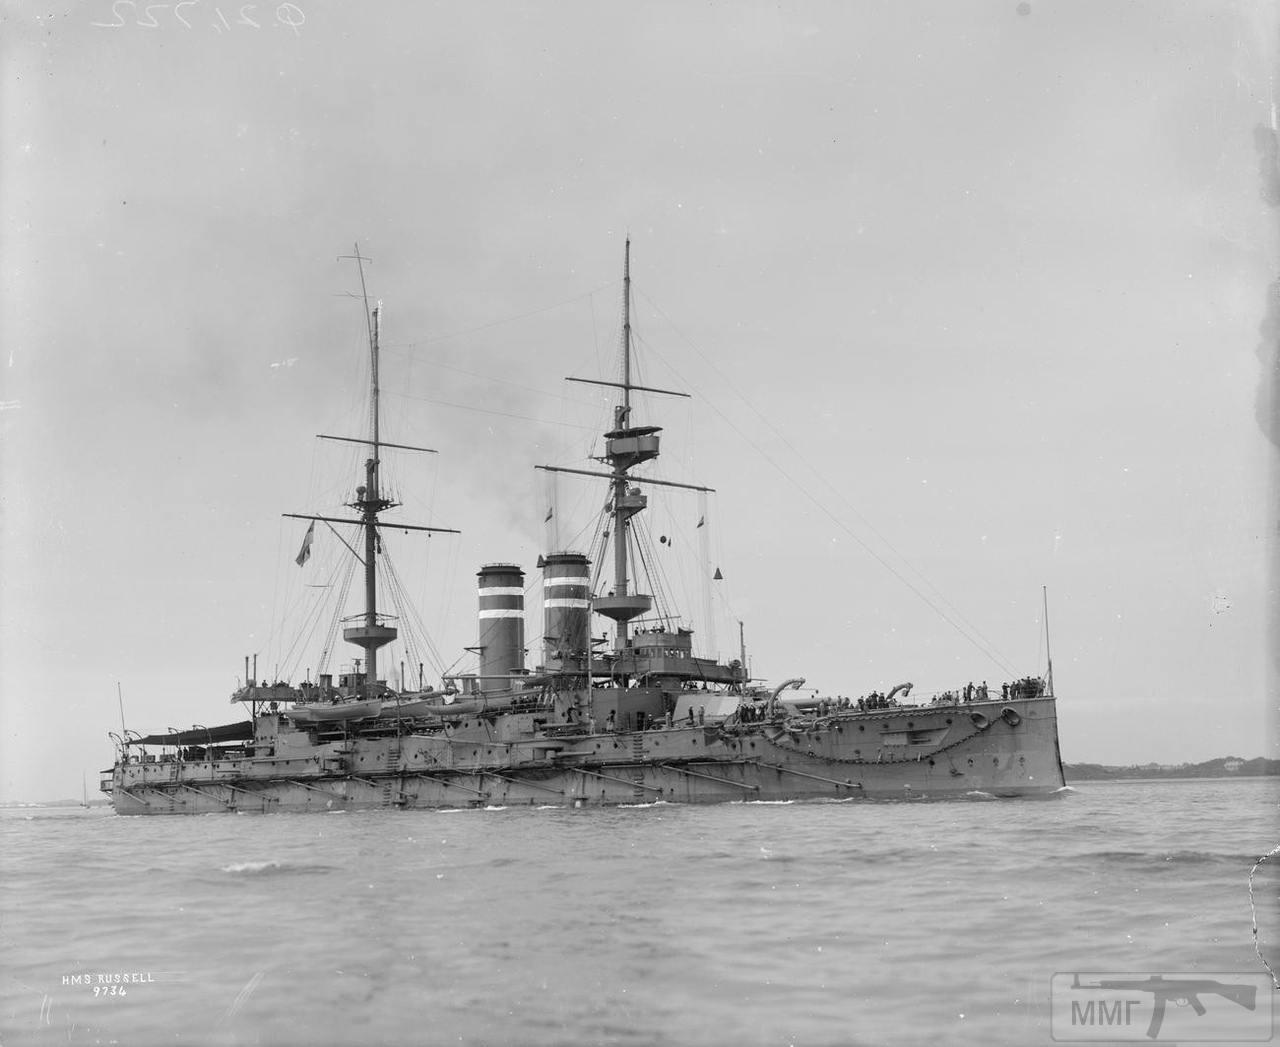 109475 - Броненосцы, дредноуты, линкоры и крейсера Британии